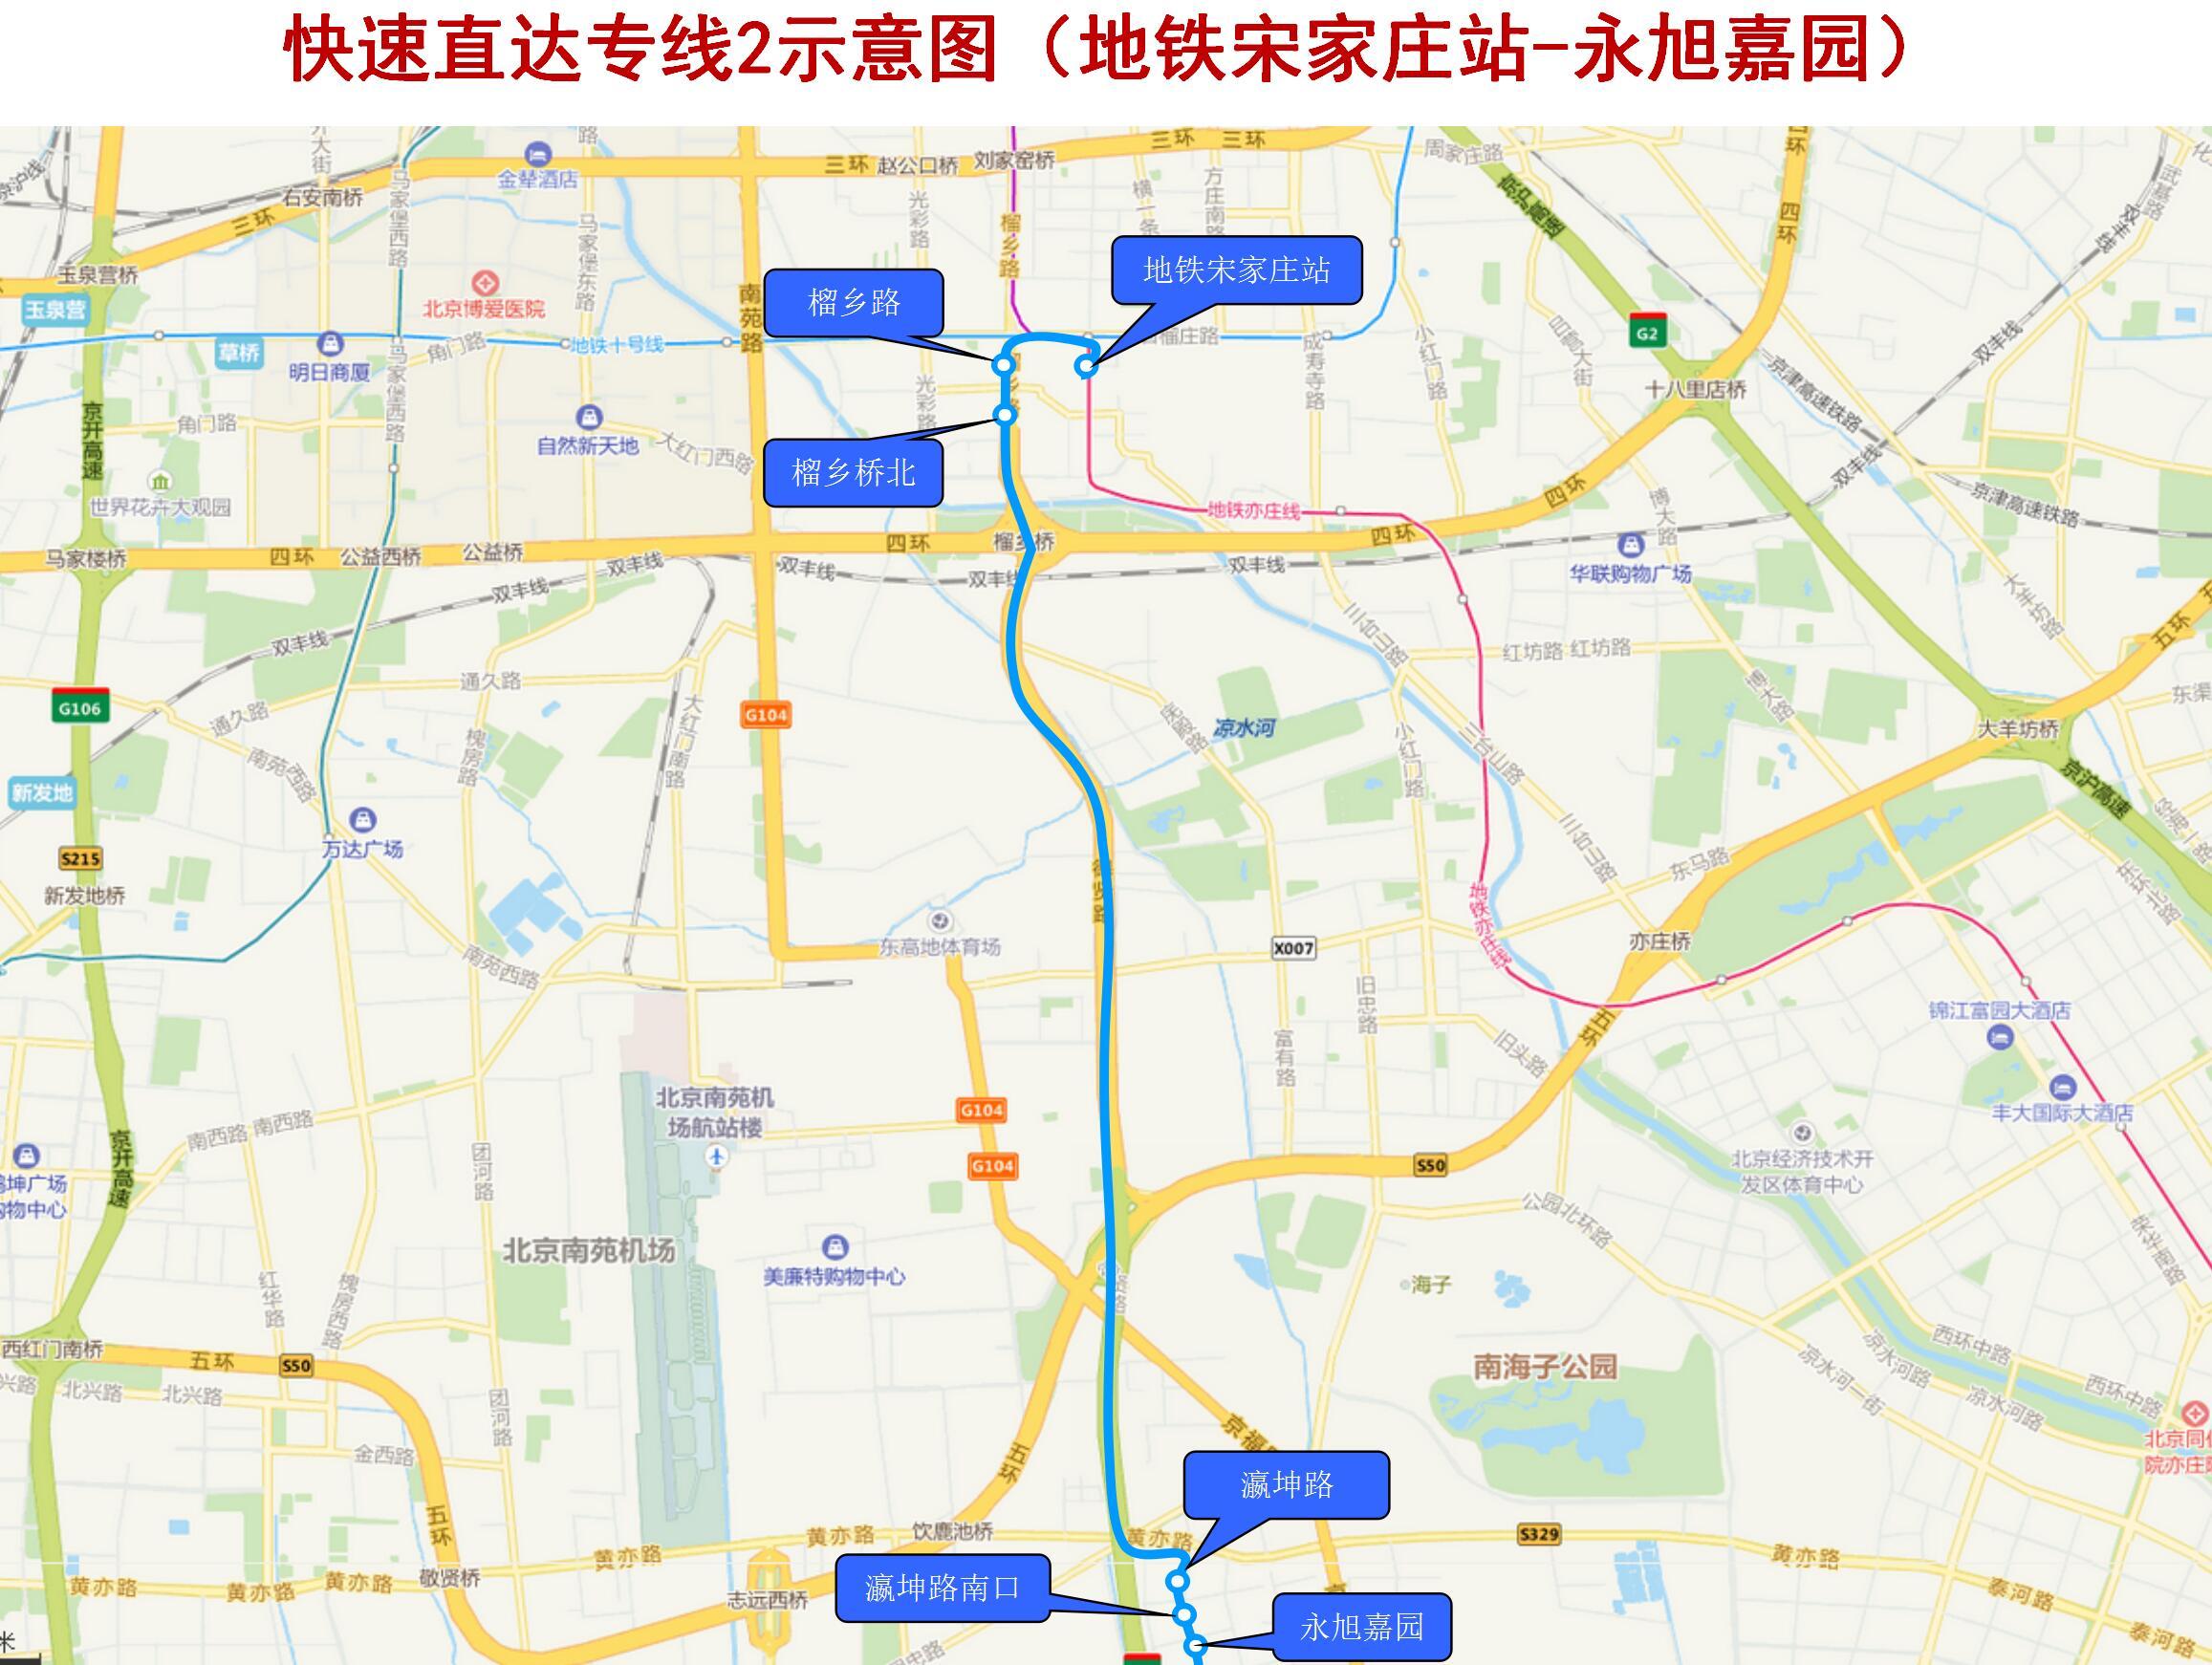 2017年3月20日起北京5条快速直达专线开通 便利京南地区市民绿色通勤